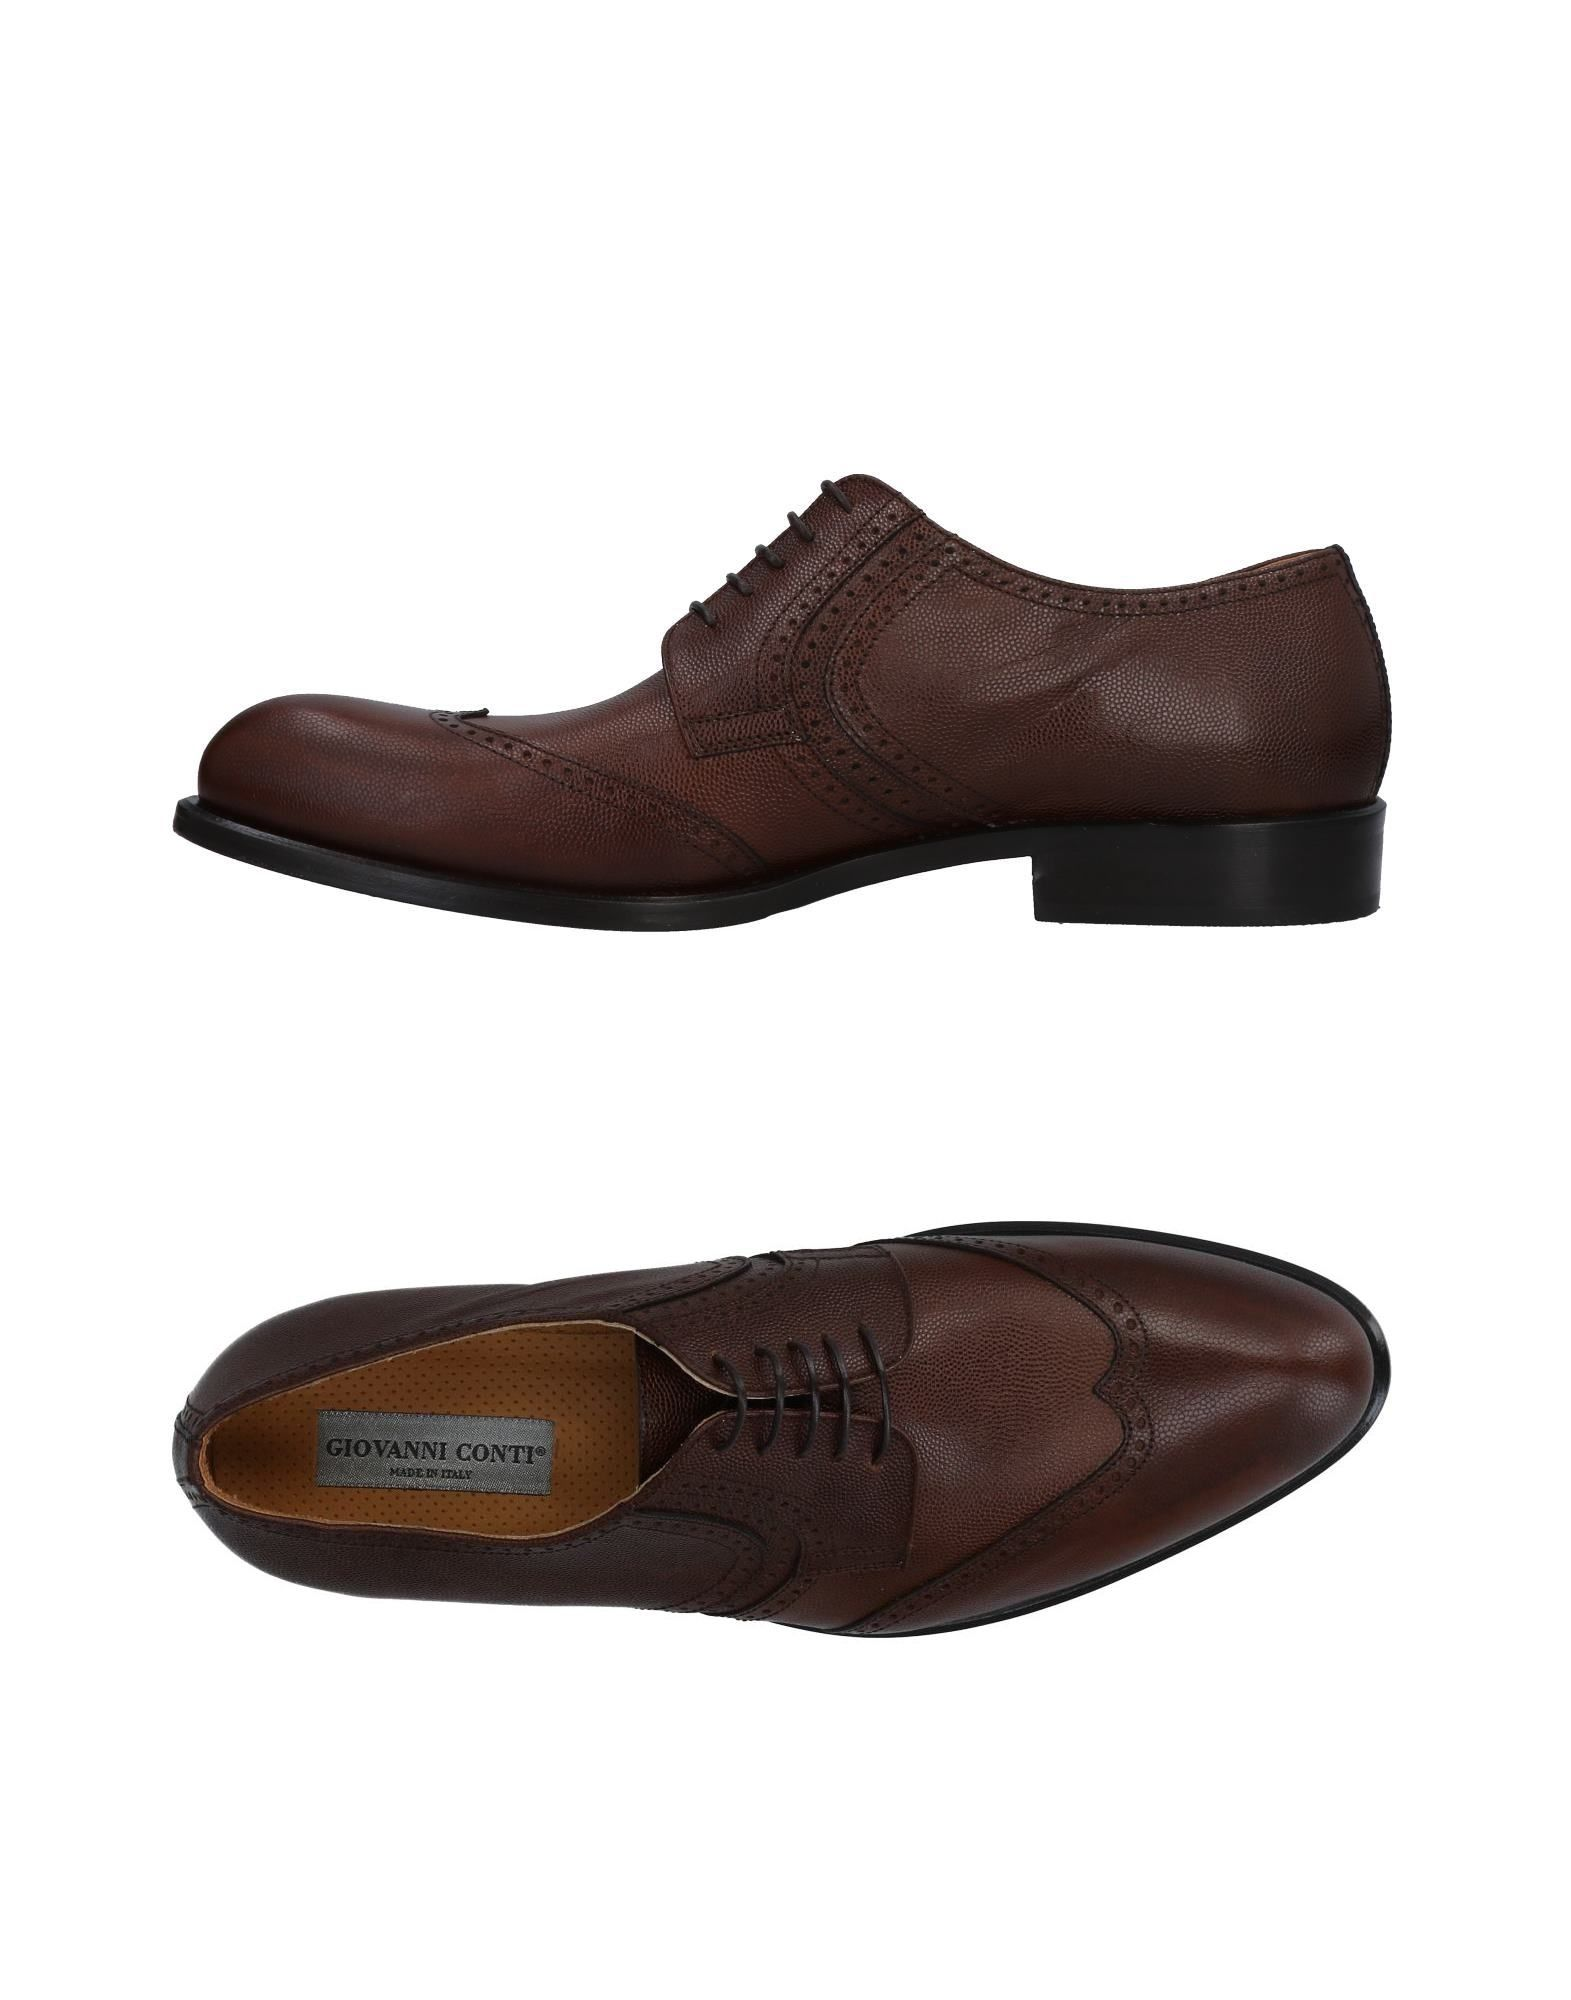 Giovanni Conti Schnürschuhe Herren  11471486VQ Gute Qualität beliebte Schuhe